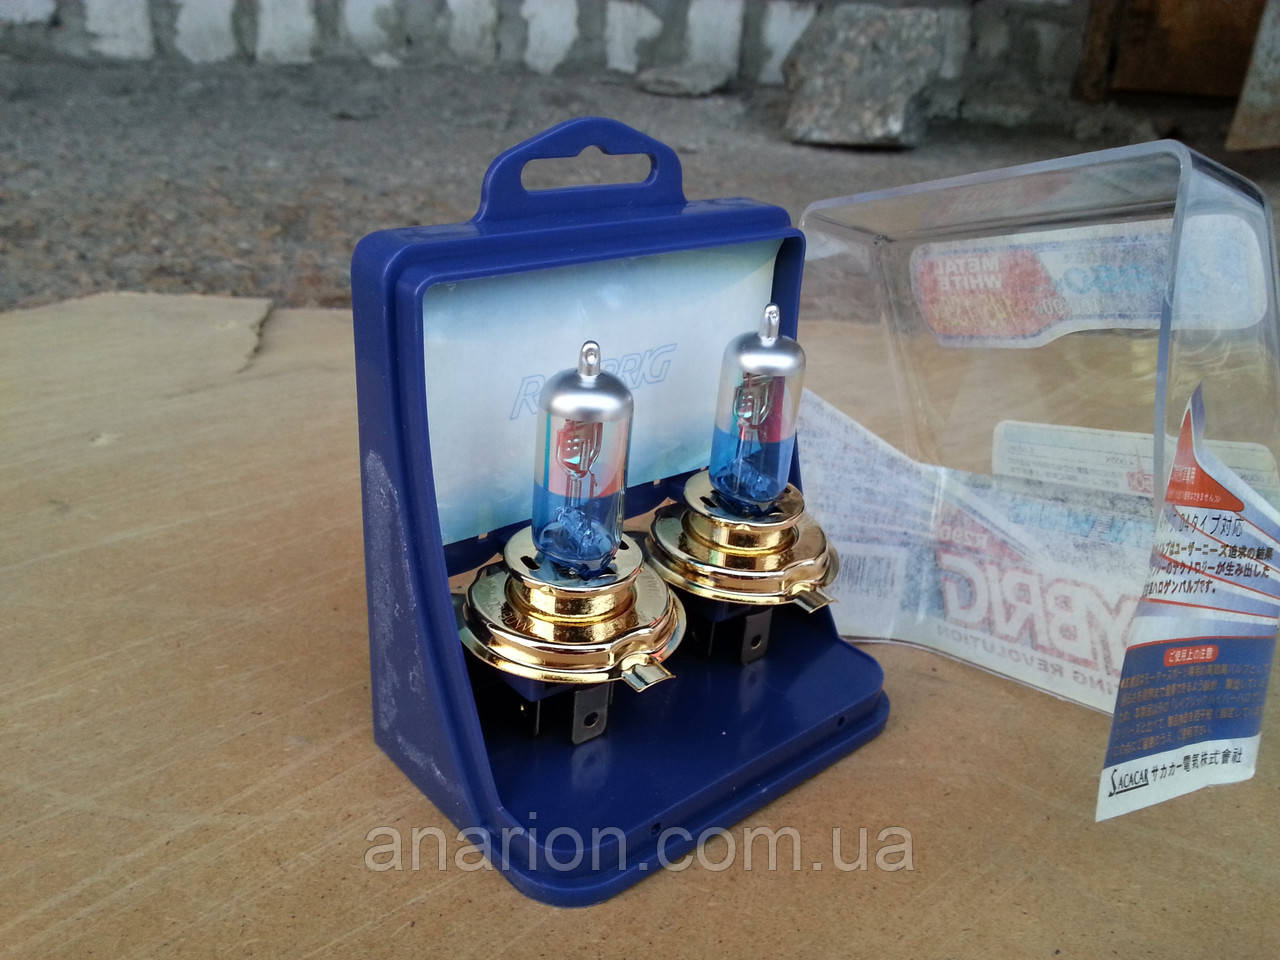 Лампы галогенные Raibrig H4 12V 100/90W P43T на ВАЗ 2106,ВАЗ 2109-двухцветные.